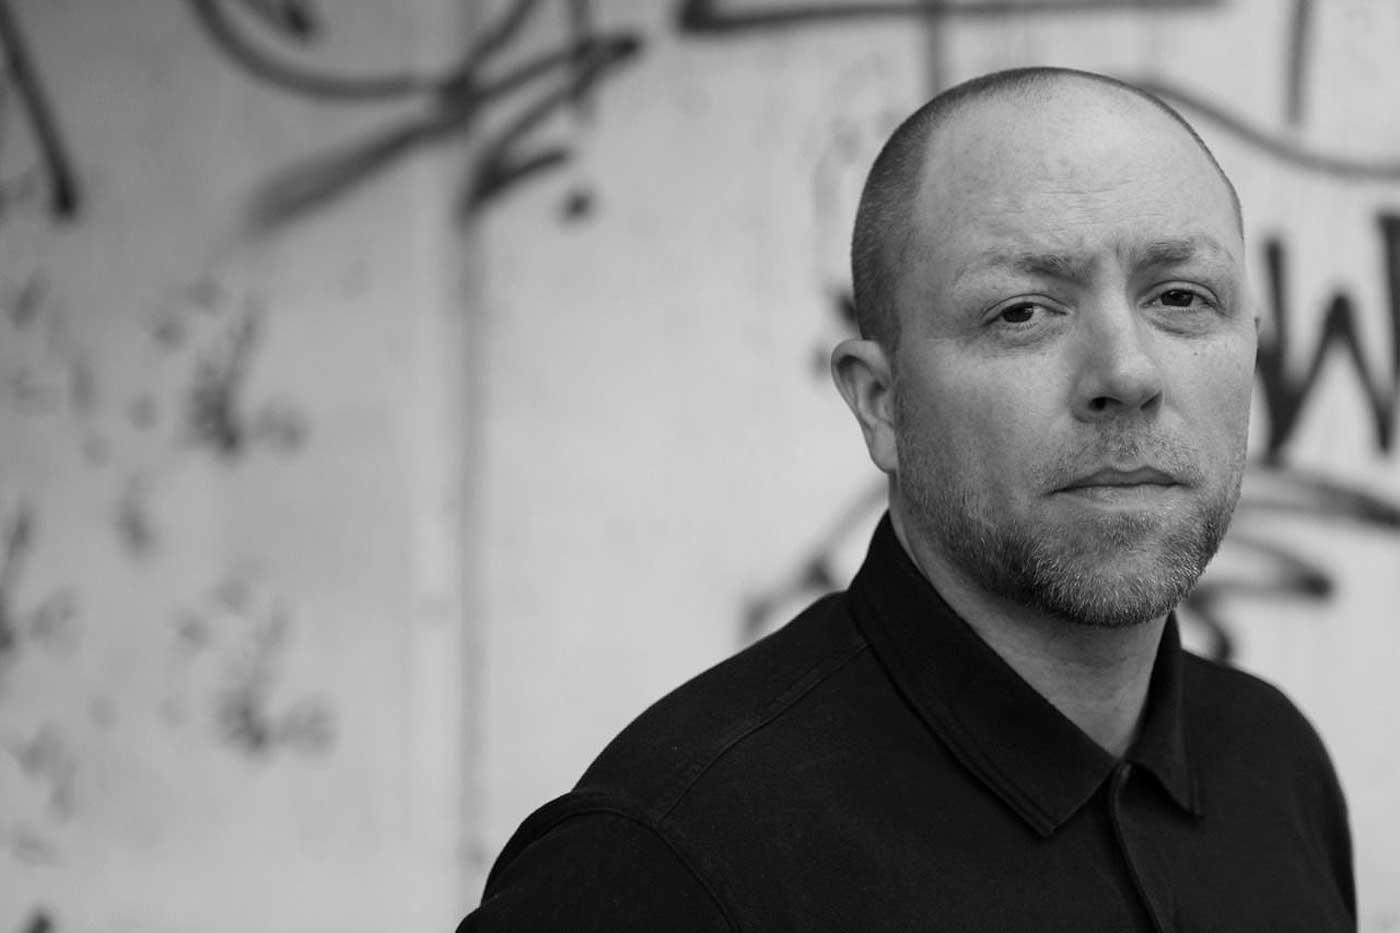 Ben Sims y Kölsch entre los nuevos confirmados del Aquasella Festival